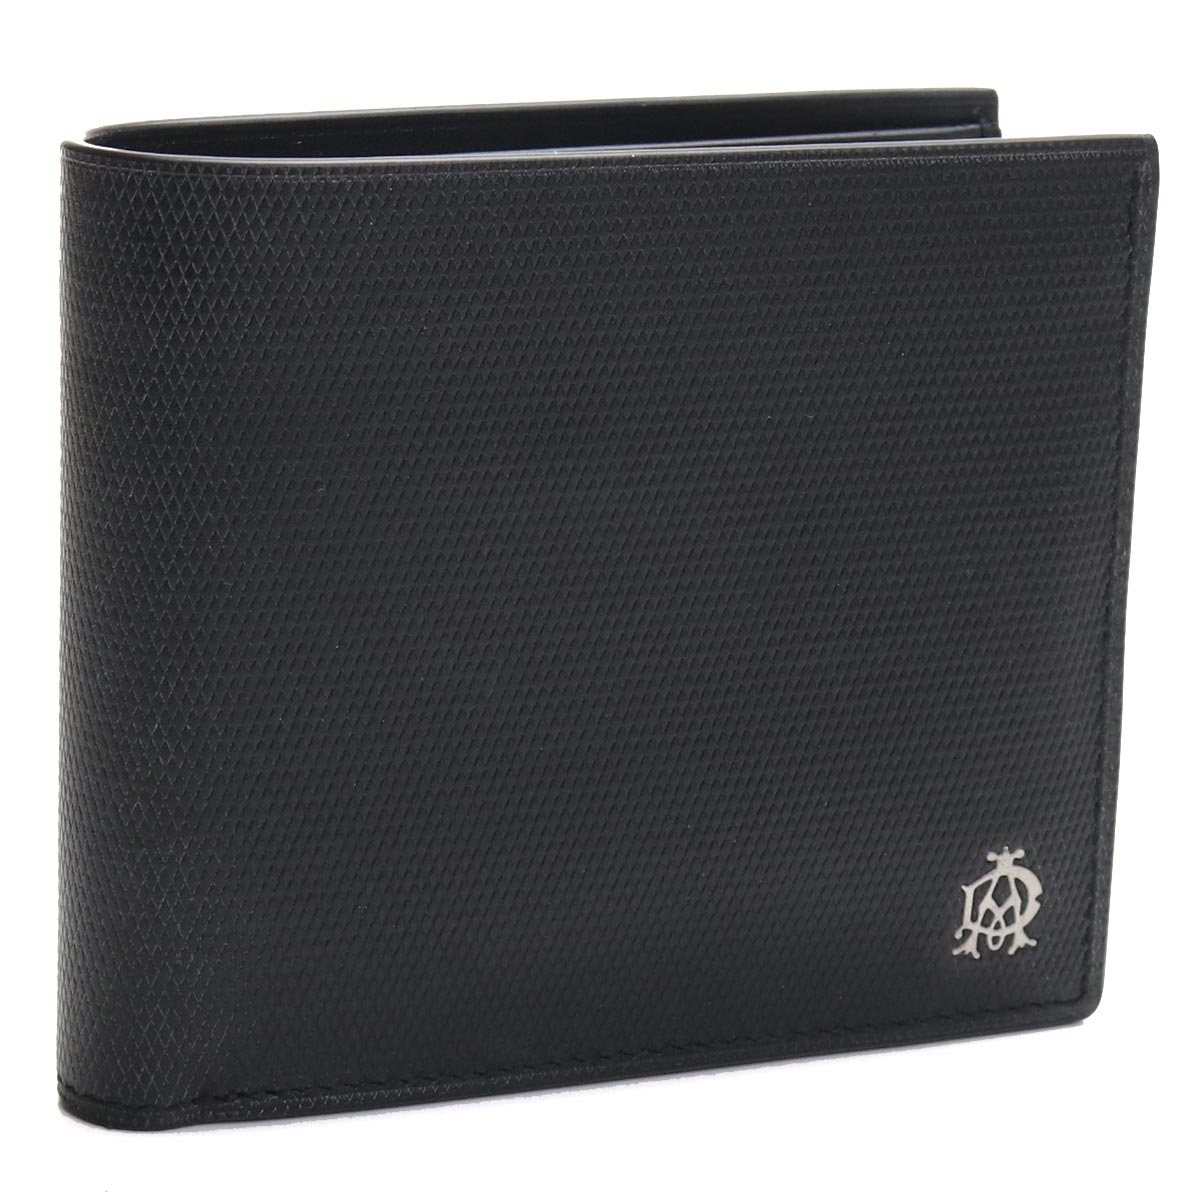 ダンヒル DUNHILL 2つ折り財布 L2AE30A ブラック メンズ